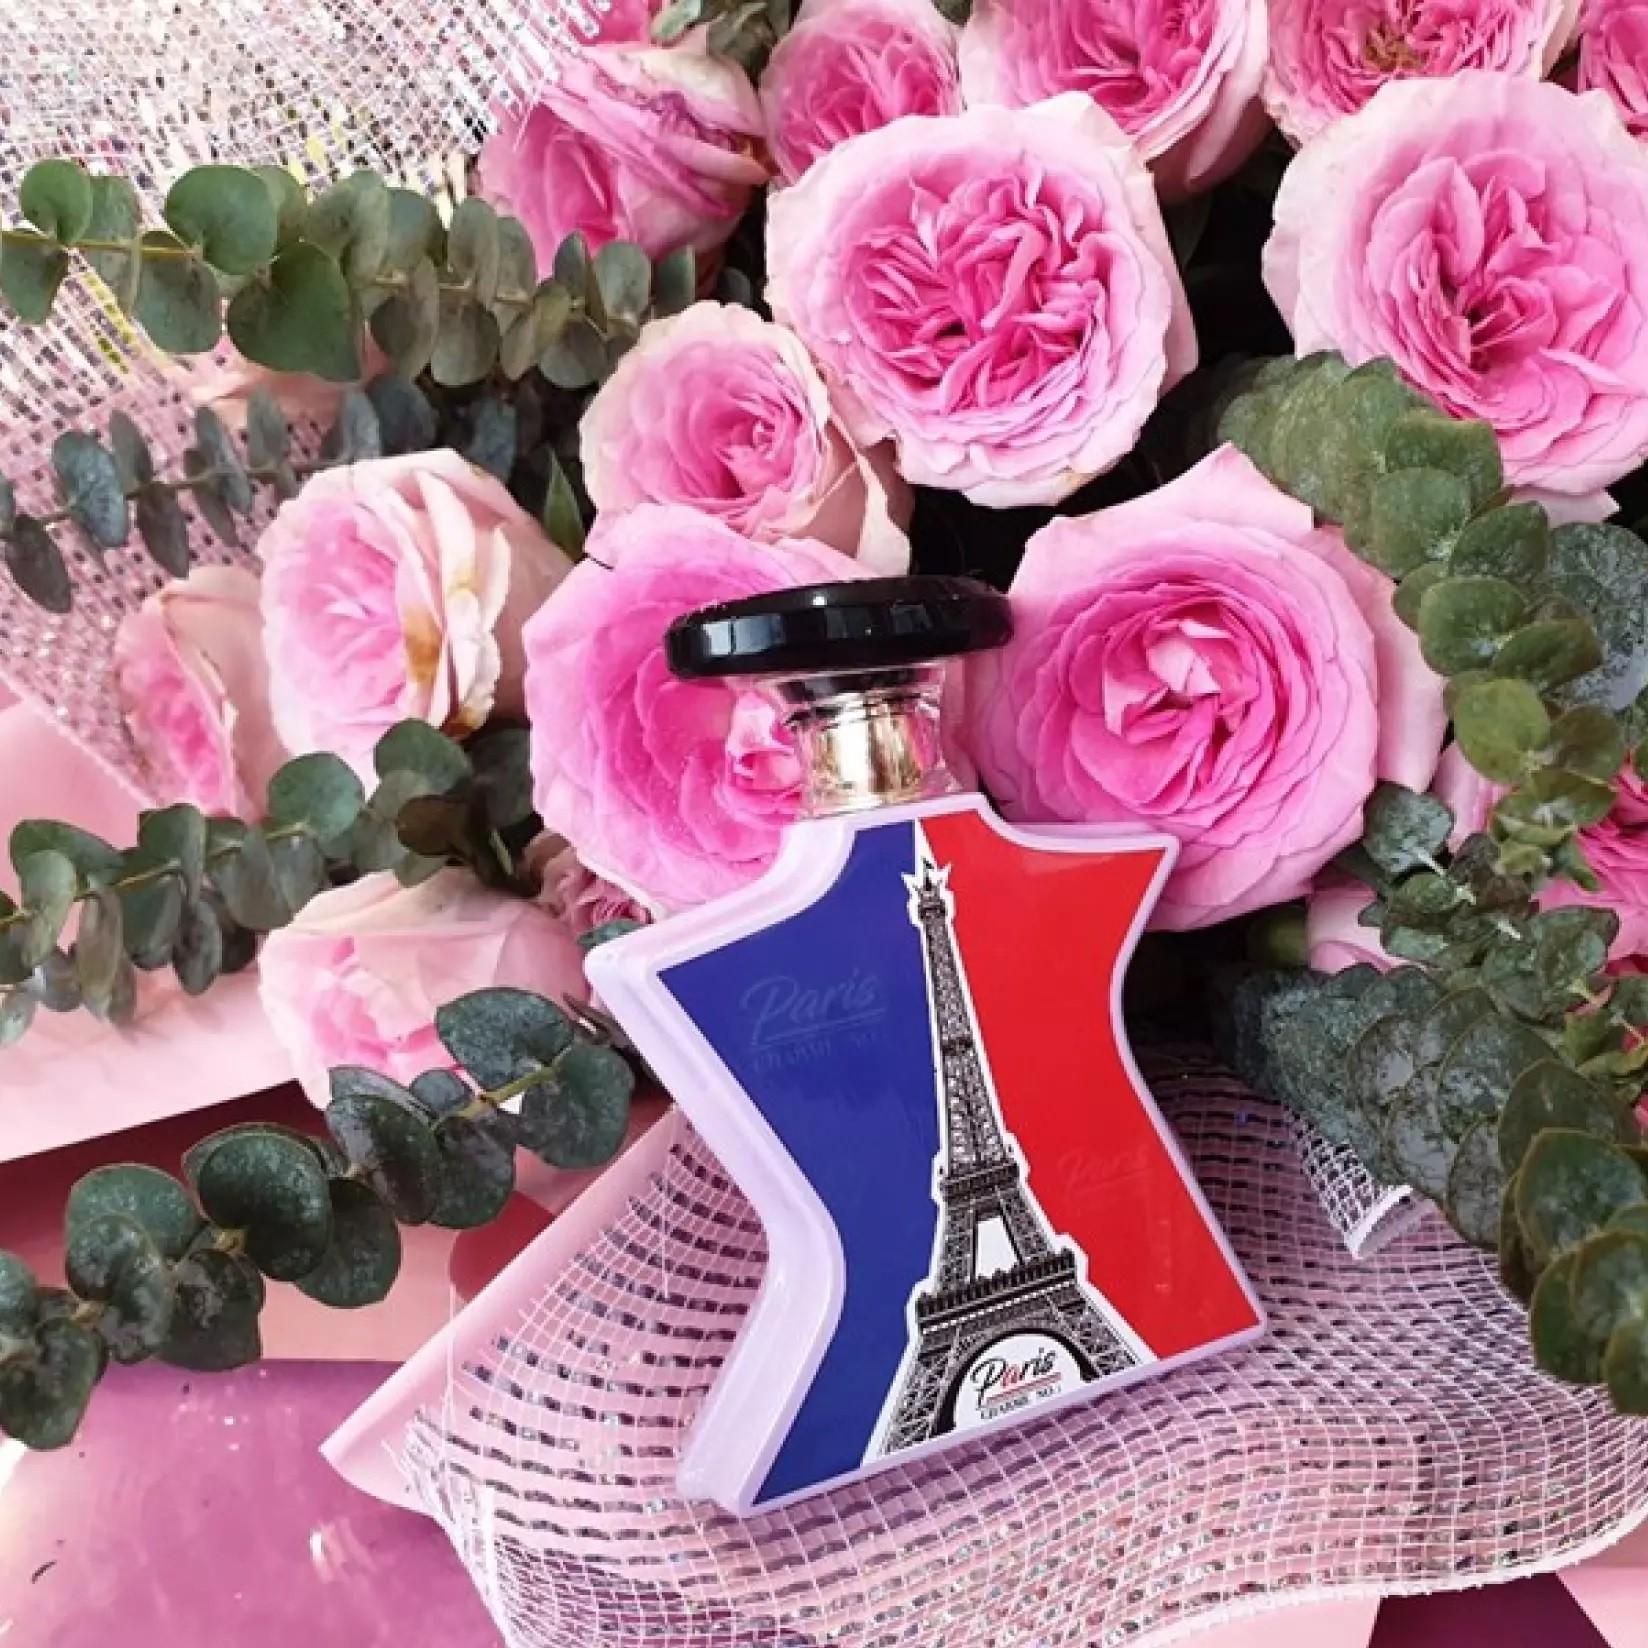 Thích thơm tho mà vẫn muốn tiết kiệm, mời bạn quẹo lựa nước hoa Charme